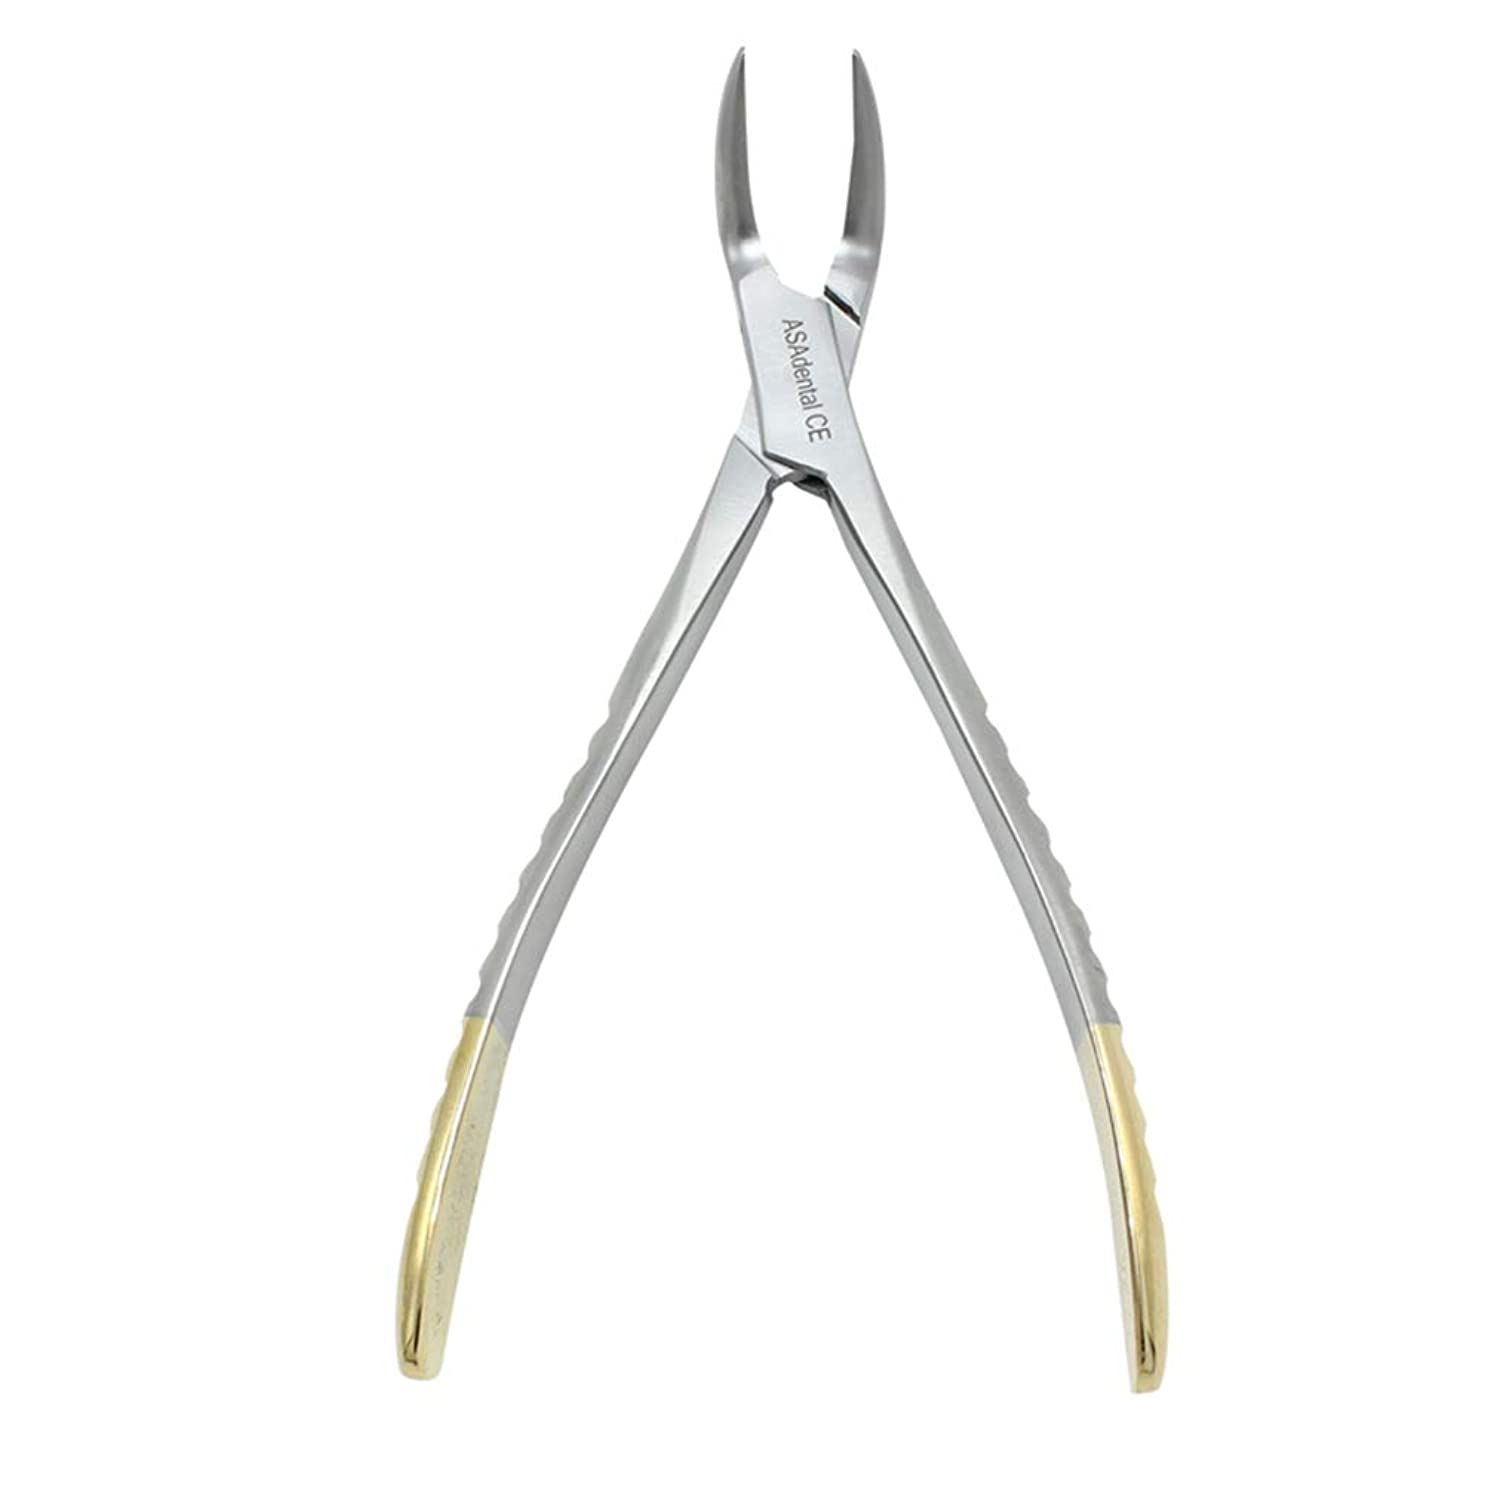 家事ガードだますSUPVOX 歯科用プライヤーステンレス鋼残留歯根鉗子湾曲ピンセットデンタルケアツール